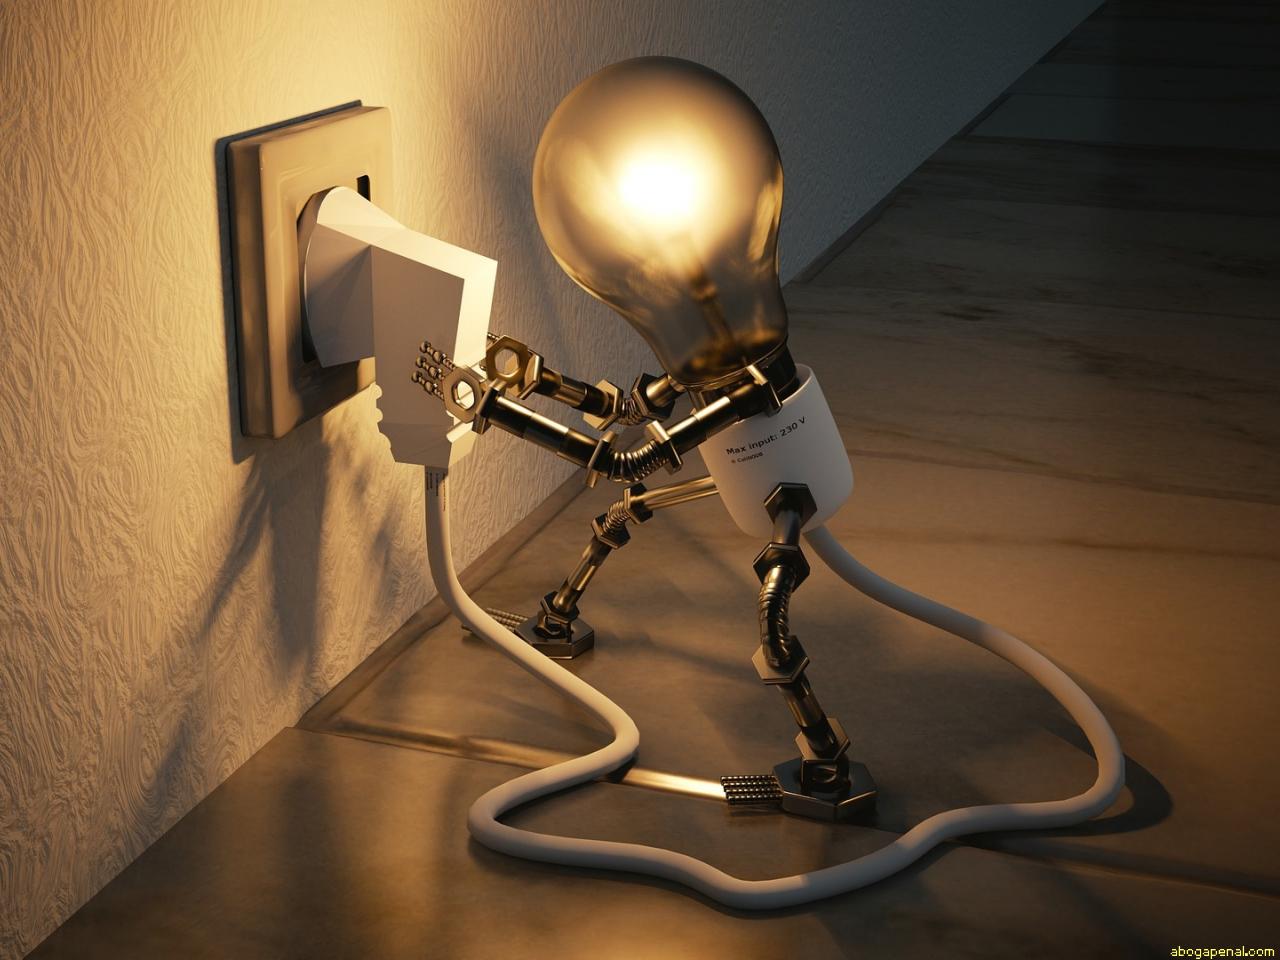 ¿Cómo saber si me están robando la luz?